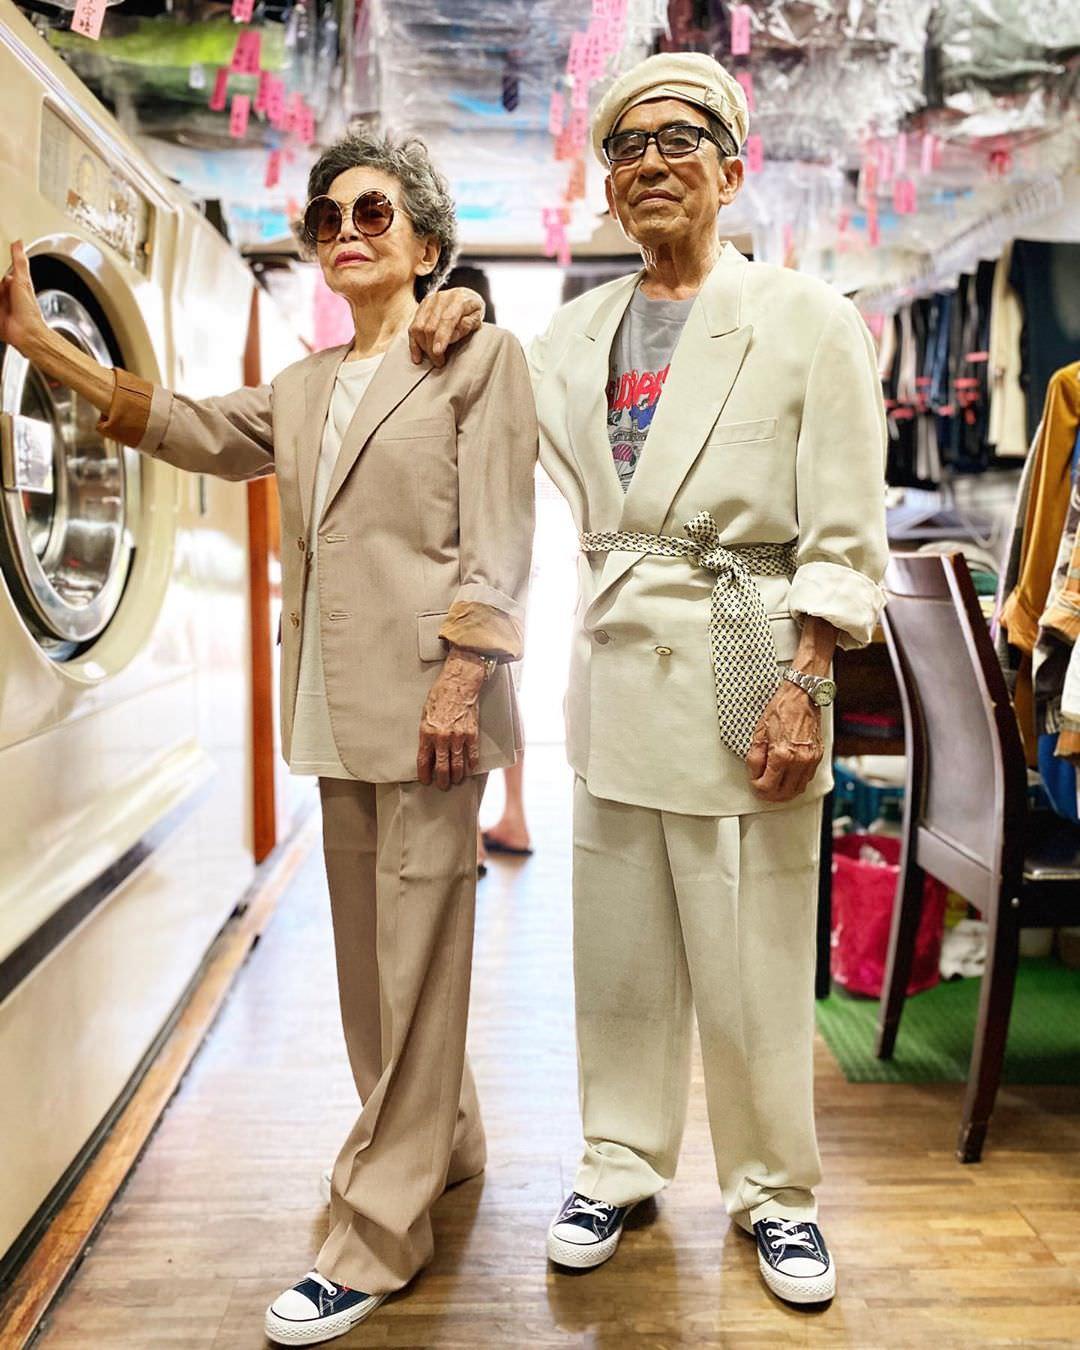 秀洗衣店里的古着夫妇亿兴平台开户,亿兴平台开户图片